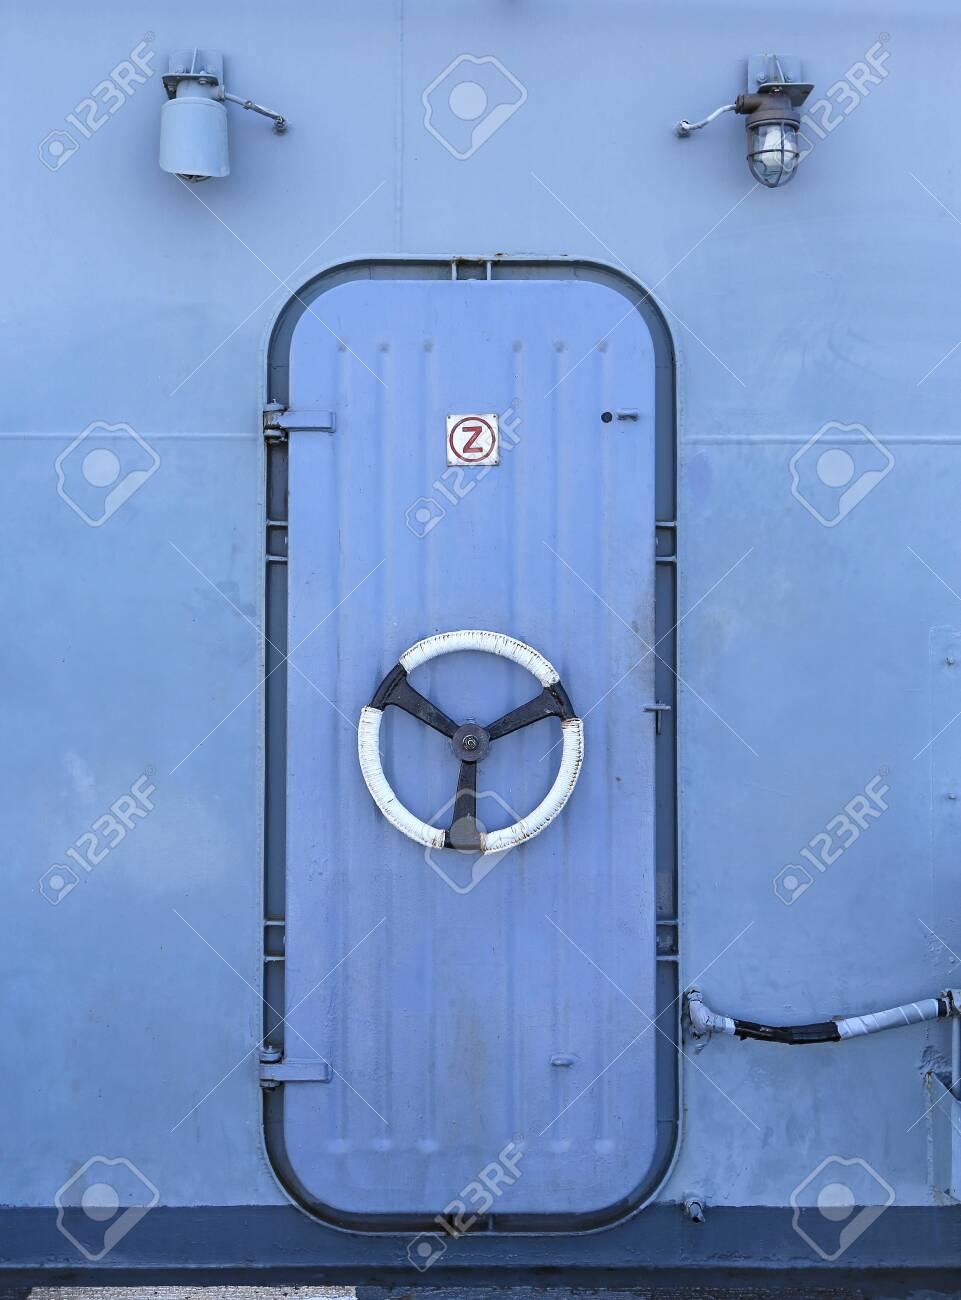 Steel door in the battleship - 127641242